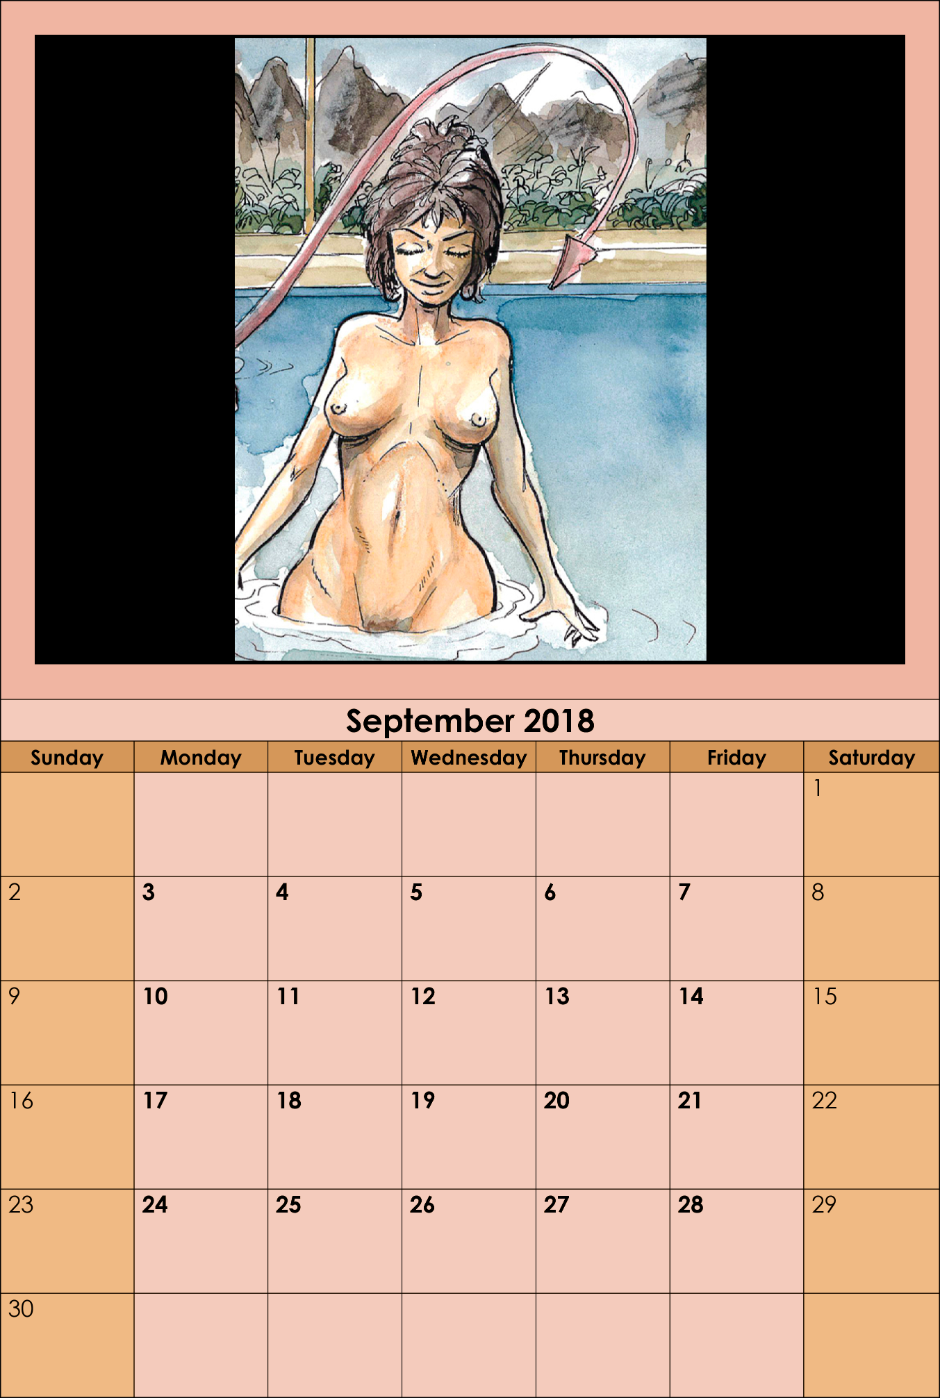 Opidane - September